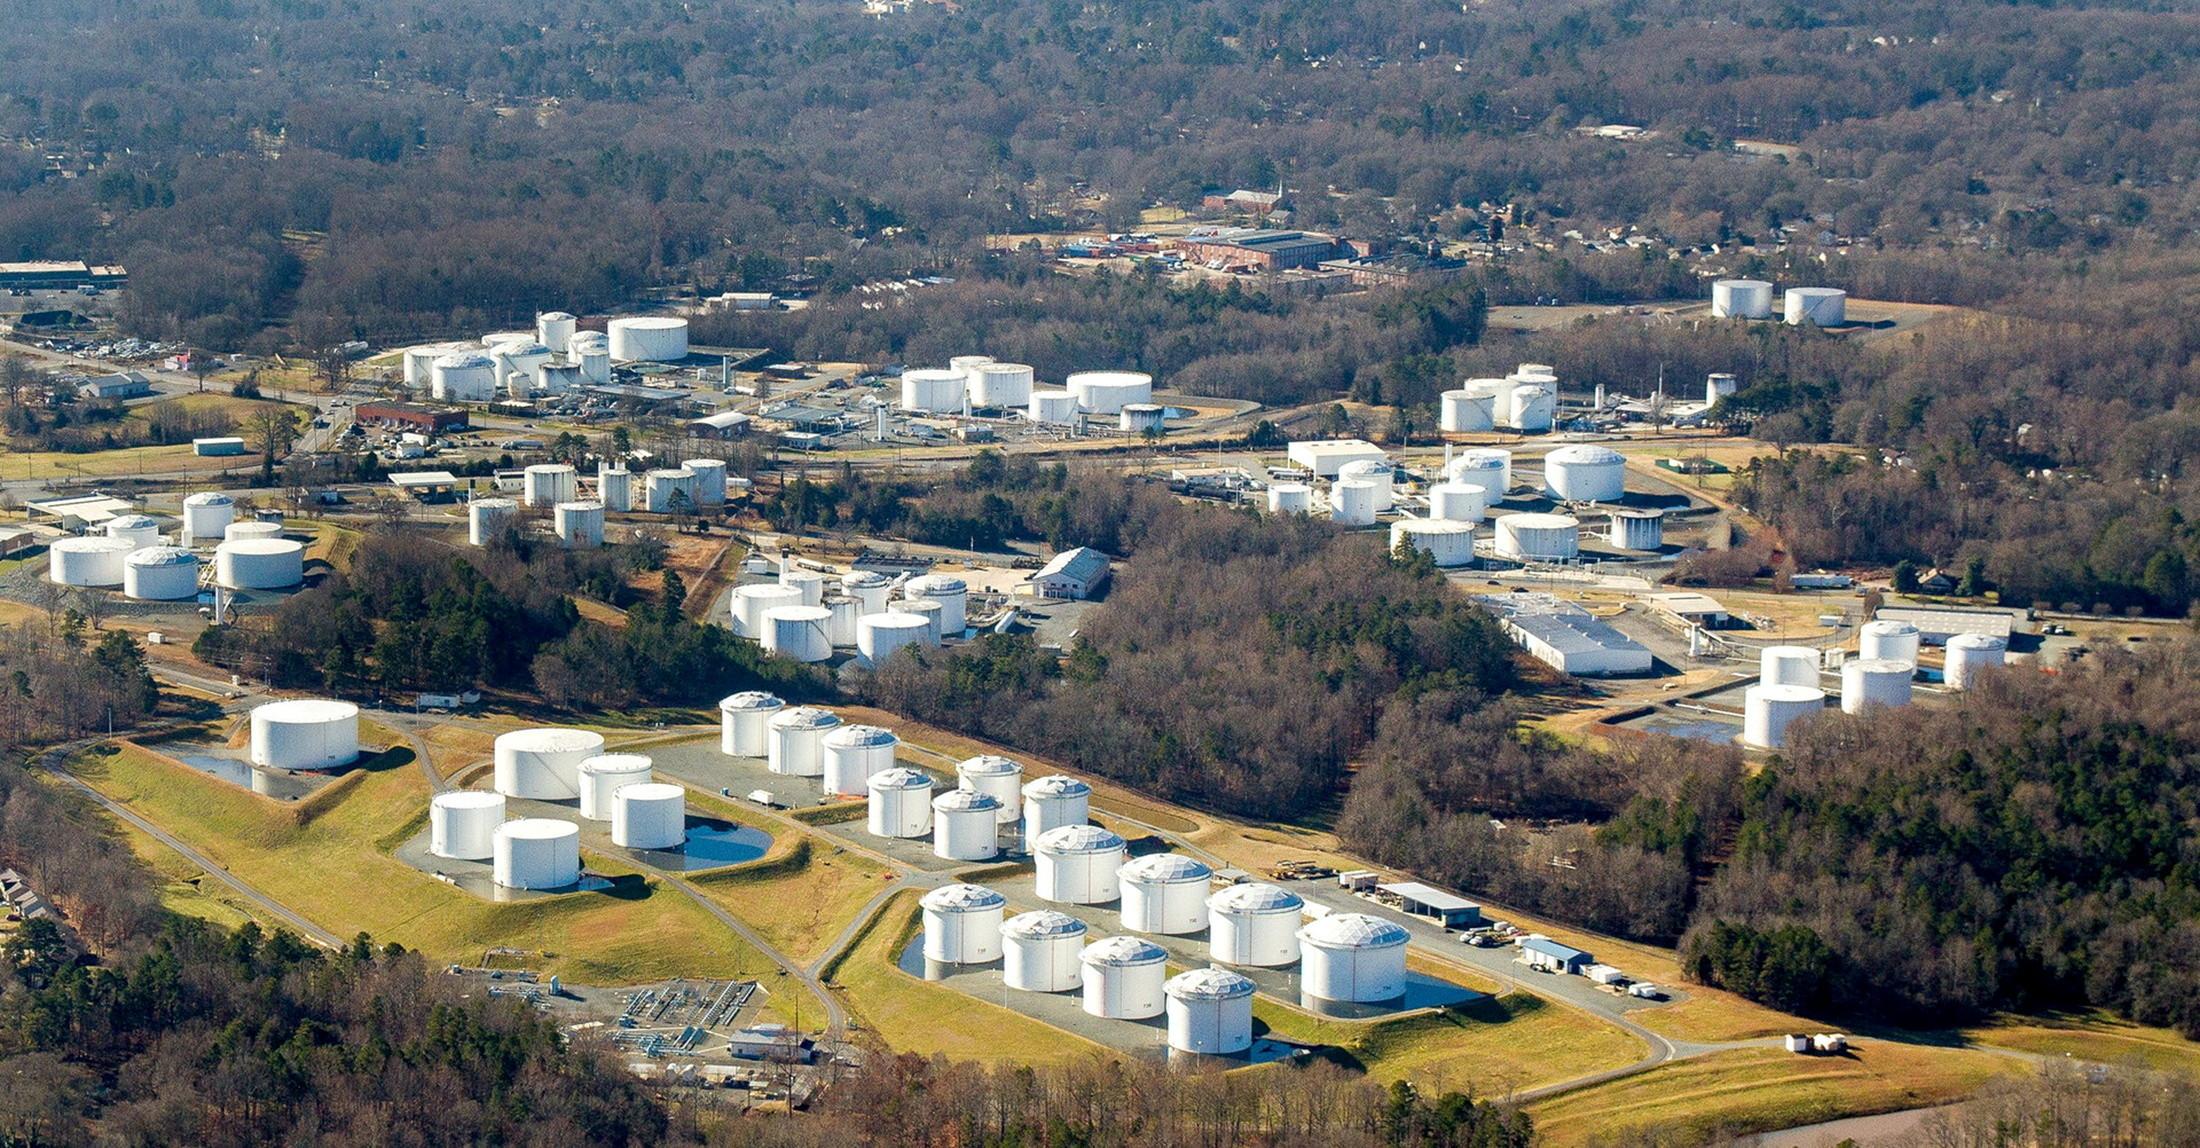 ▲▼美國輸油管系統營運商Colonial遭網路駭客攻擊,圖為北卡羅萊納州的貯油槽。(圖/路透社)